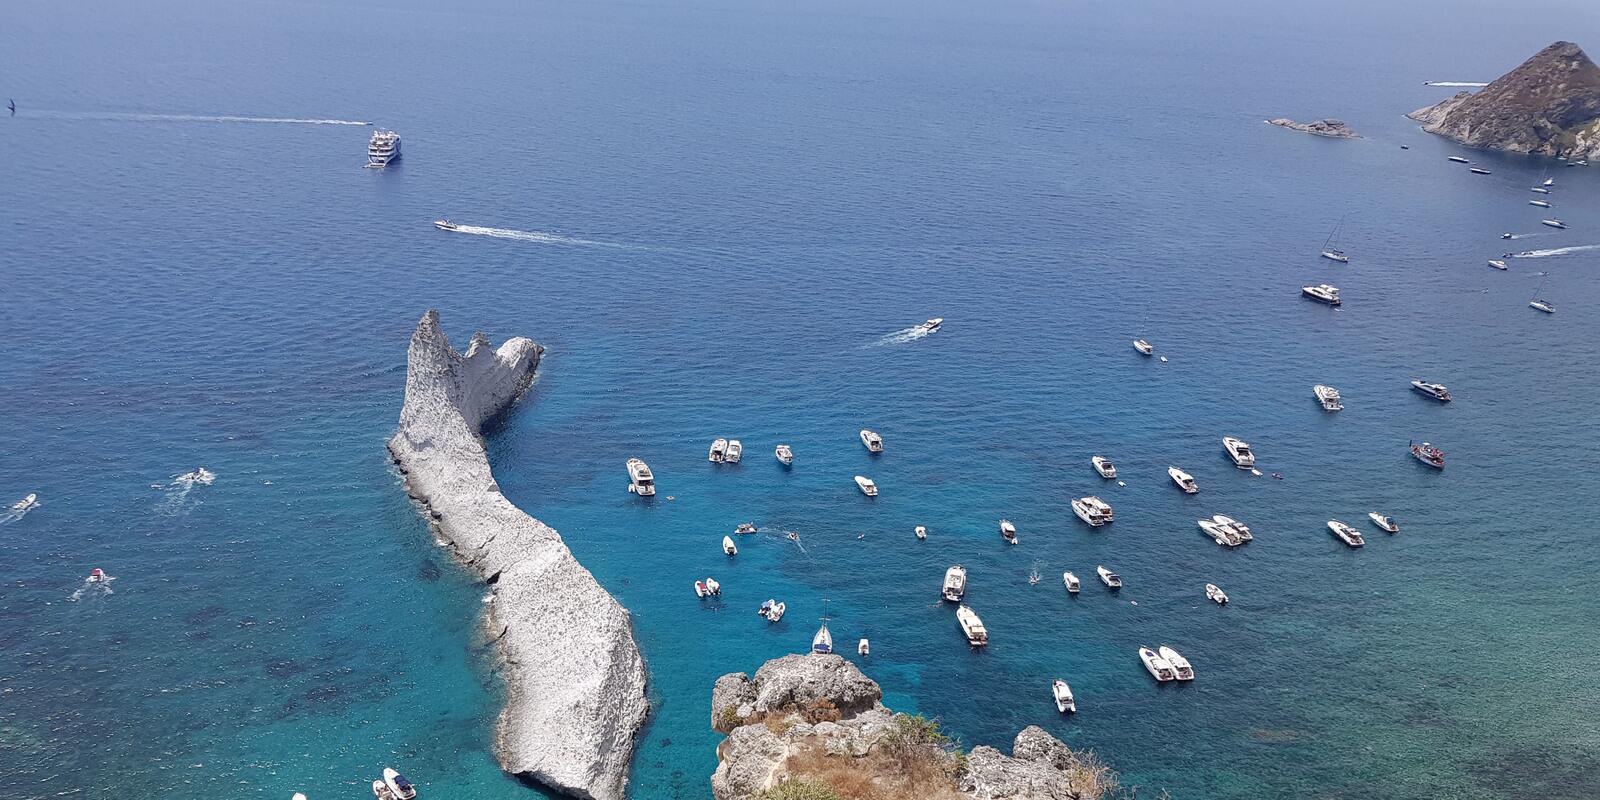 Merveilleux week-end à la Pontine ... mer relaxante et turquoise